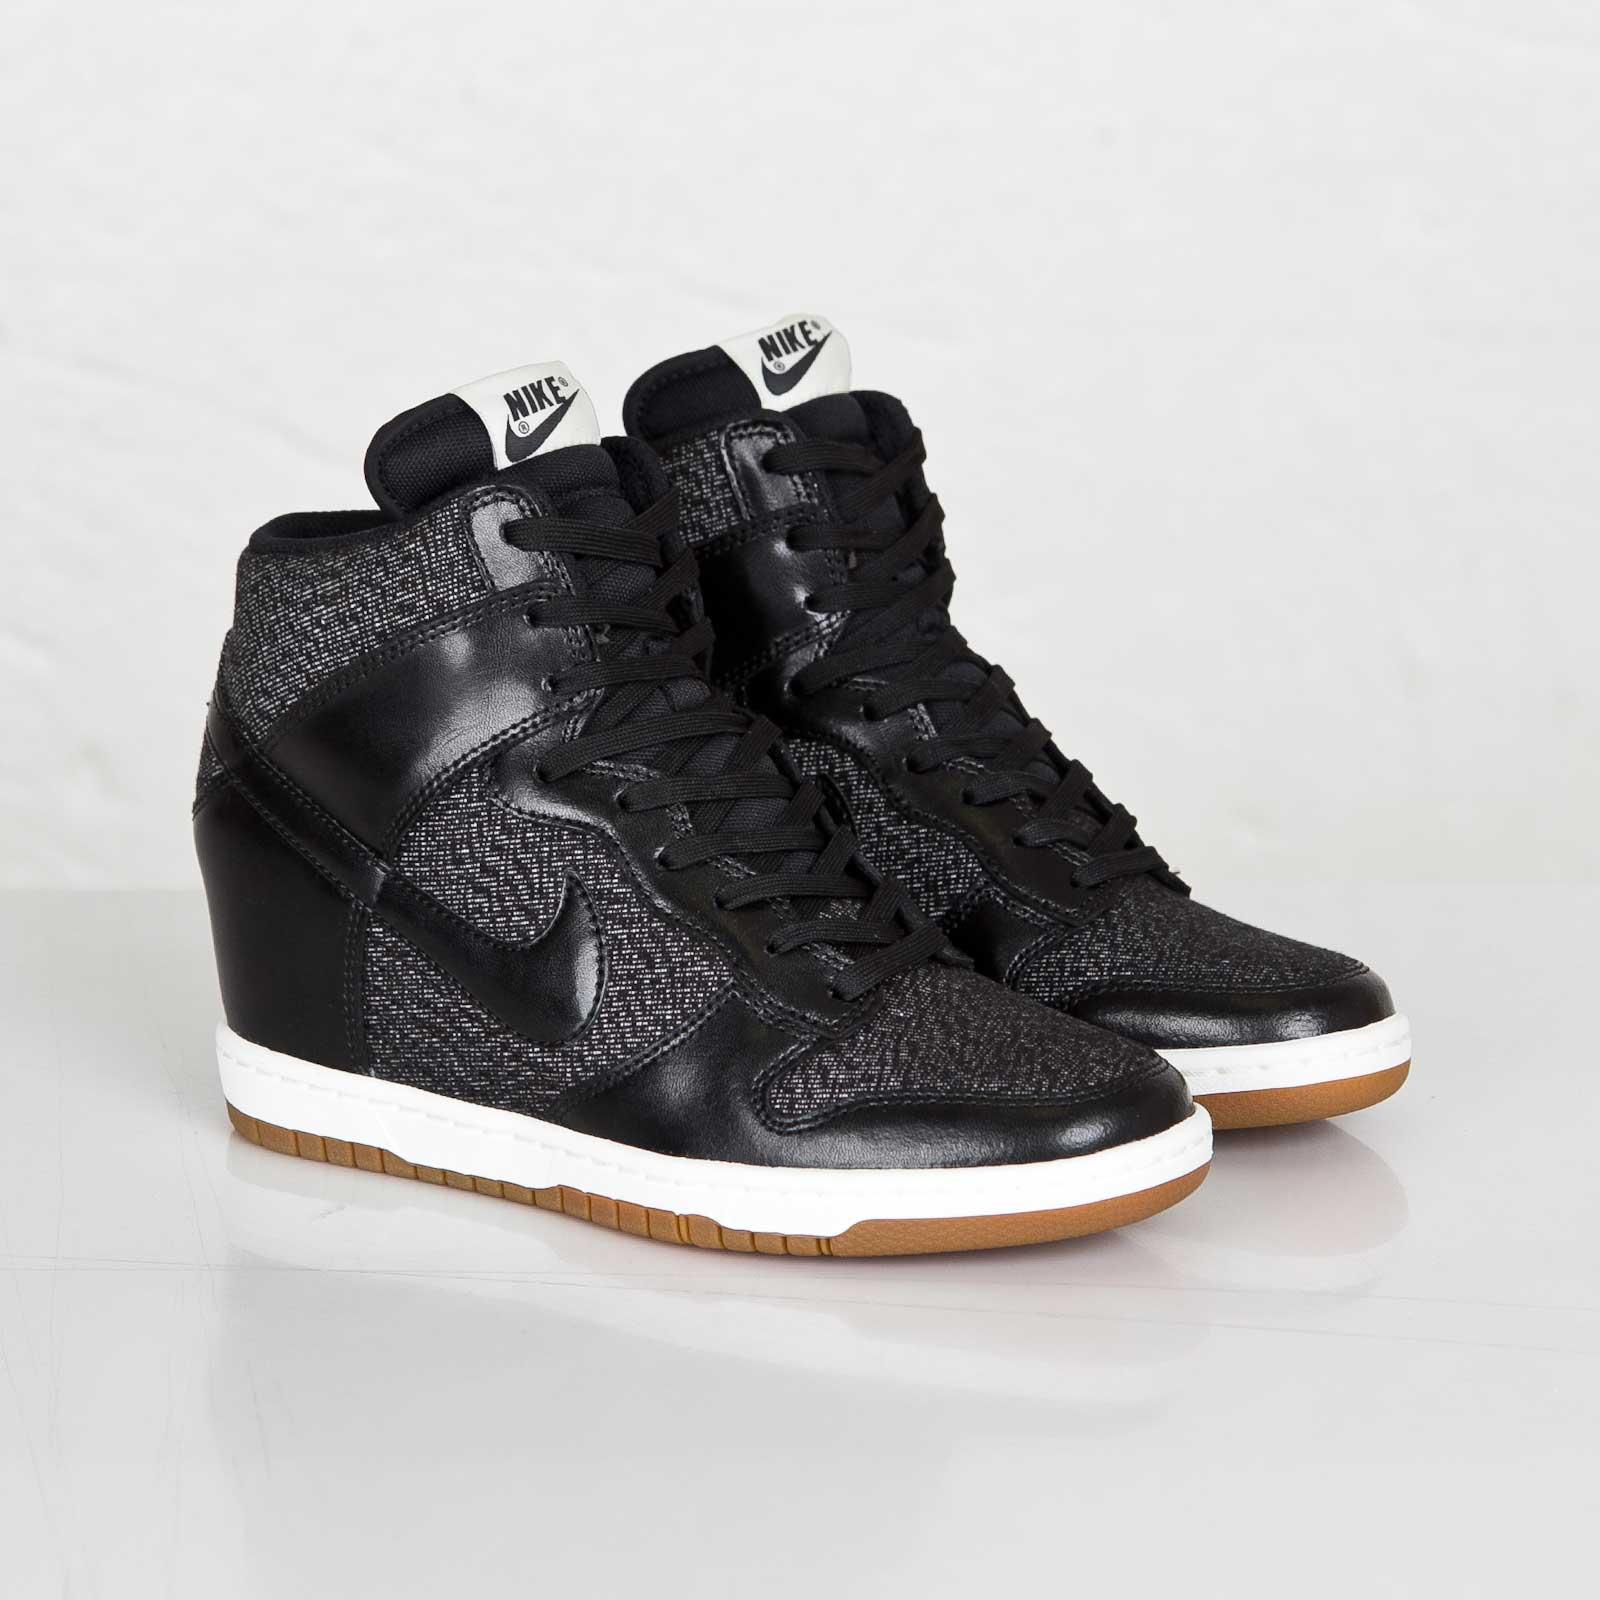 sports shoes e22ea fdd05 ... new arrivals nike wmns dunk sky hi essential 40de9 505ac